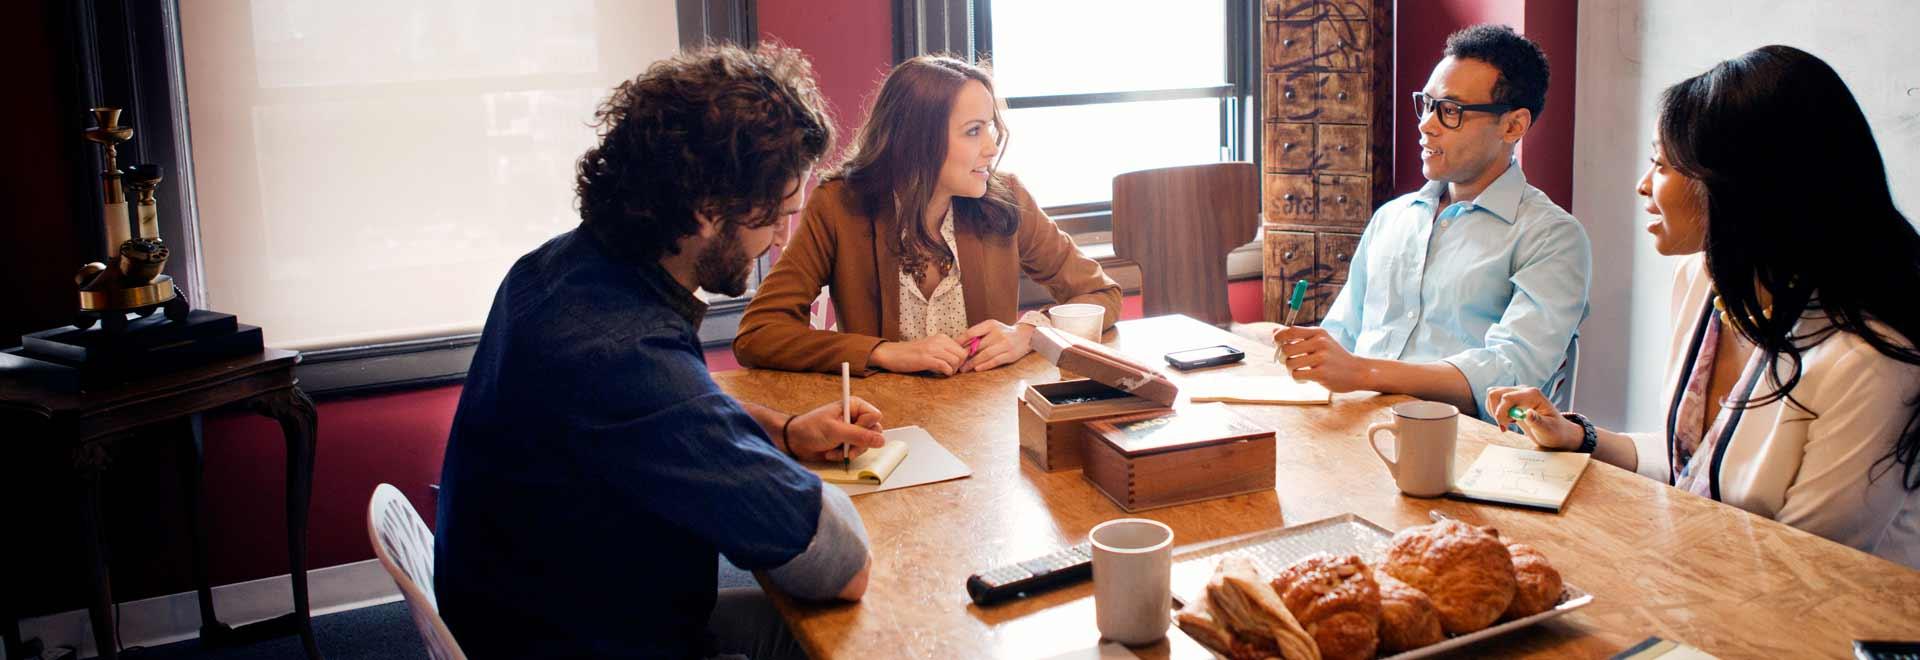 Vier mensen aan het werk in een kantoor met Office 365 E3.